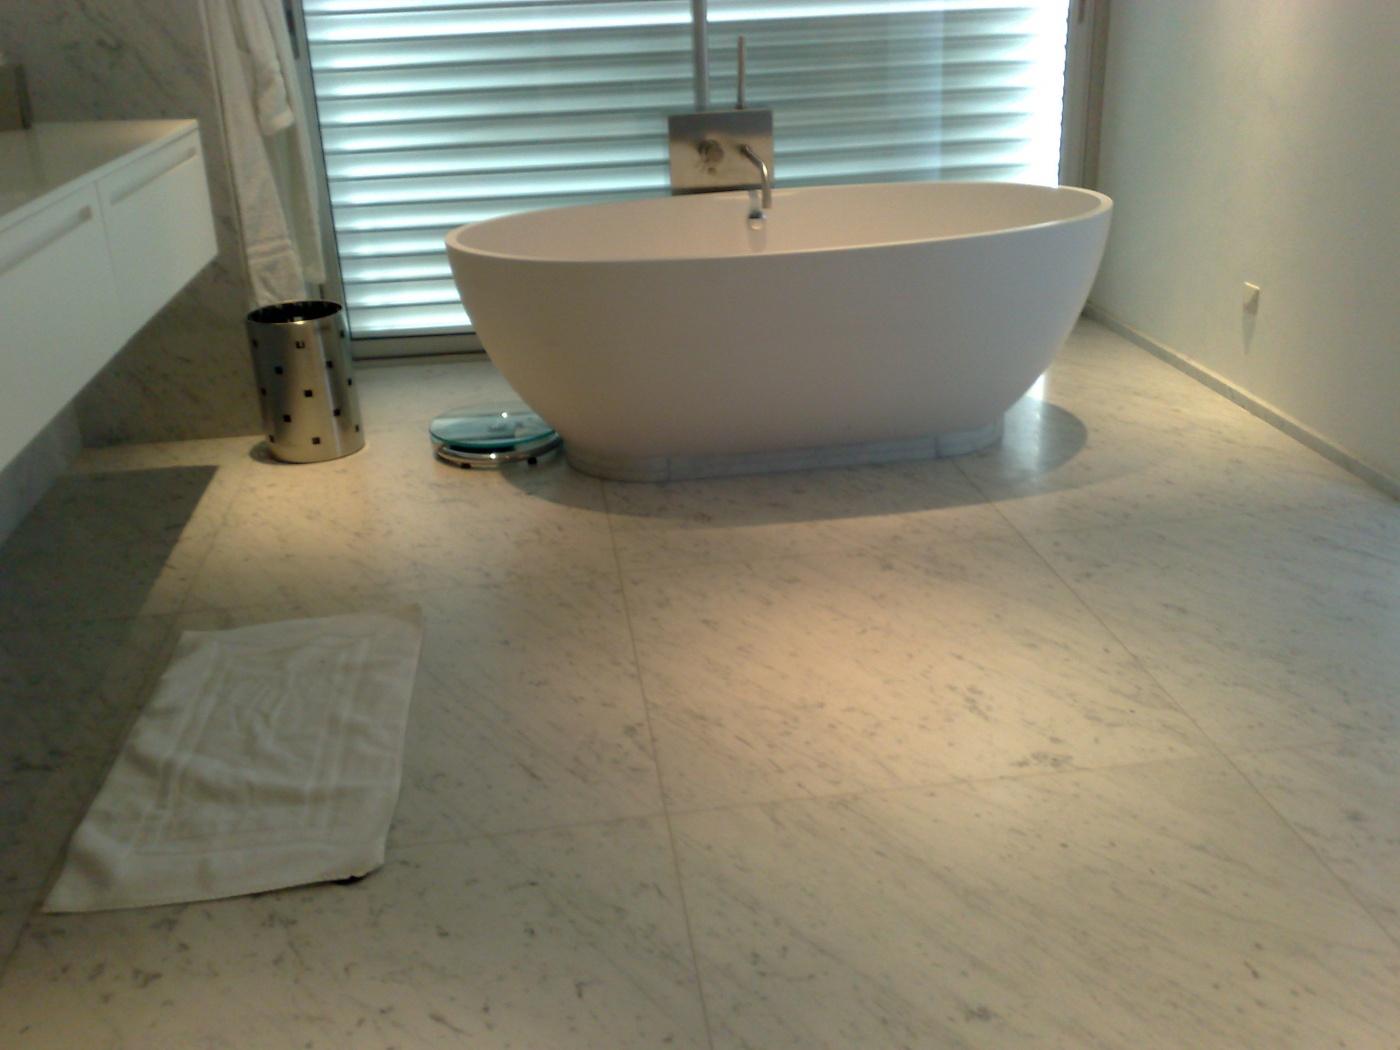 sols de salle de bains en blanc carrare c adouci avec baignoire